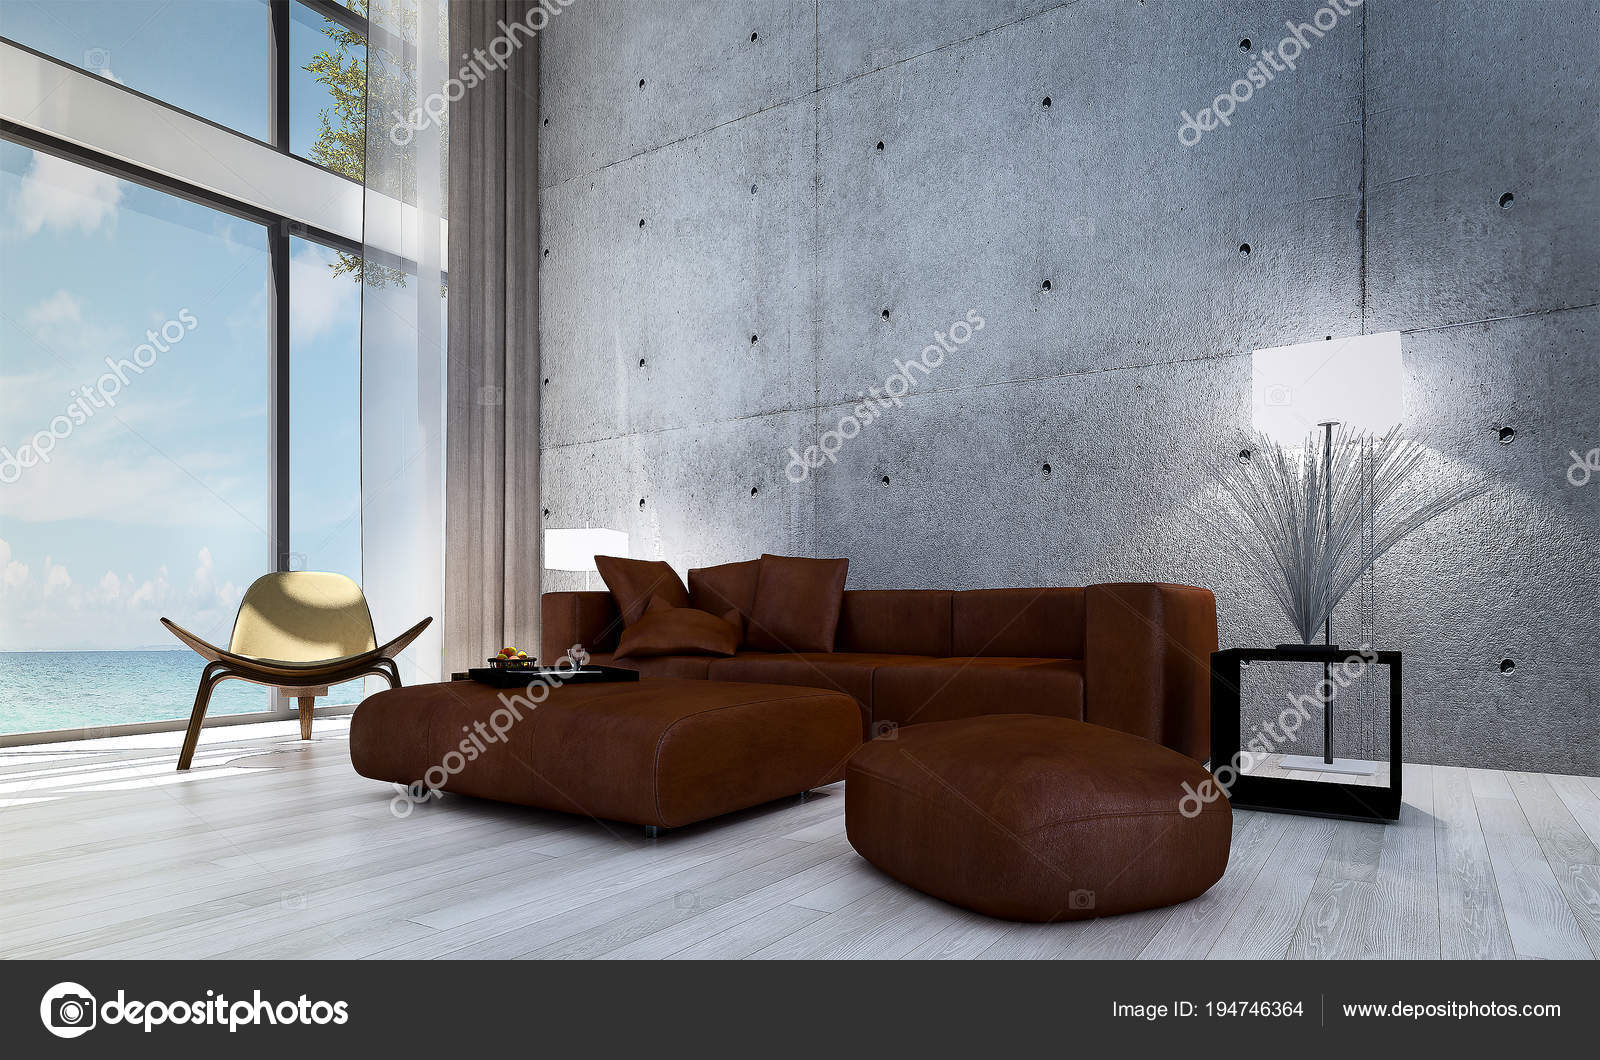 https://st3.depositphotos.com/11732771/19474/i/1600/depositphotos_194746364-stockafbeelding-het-interieur-van-woonkamer-beton.jpg